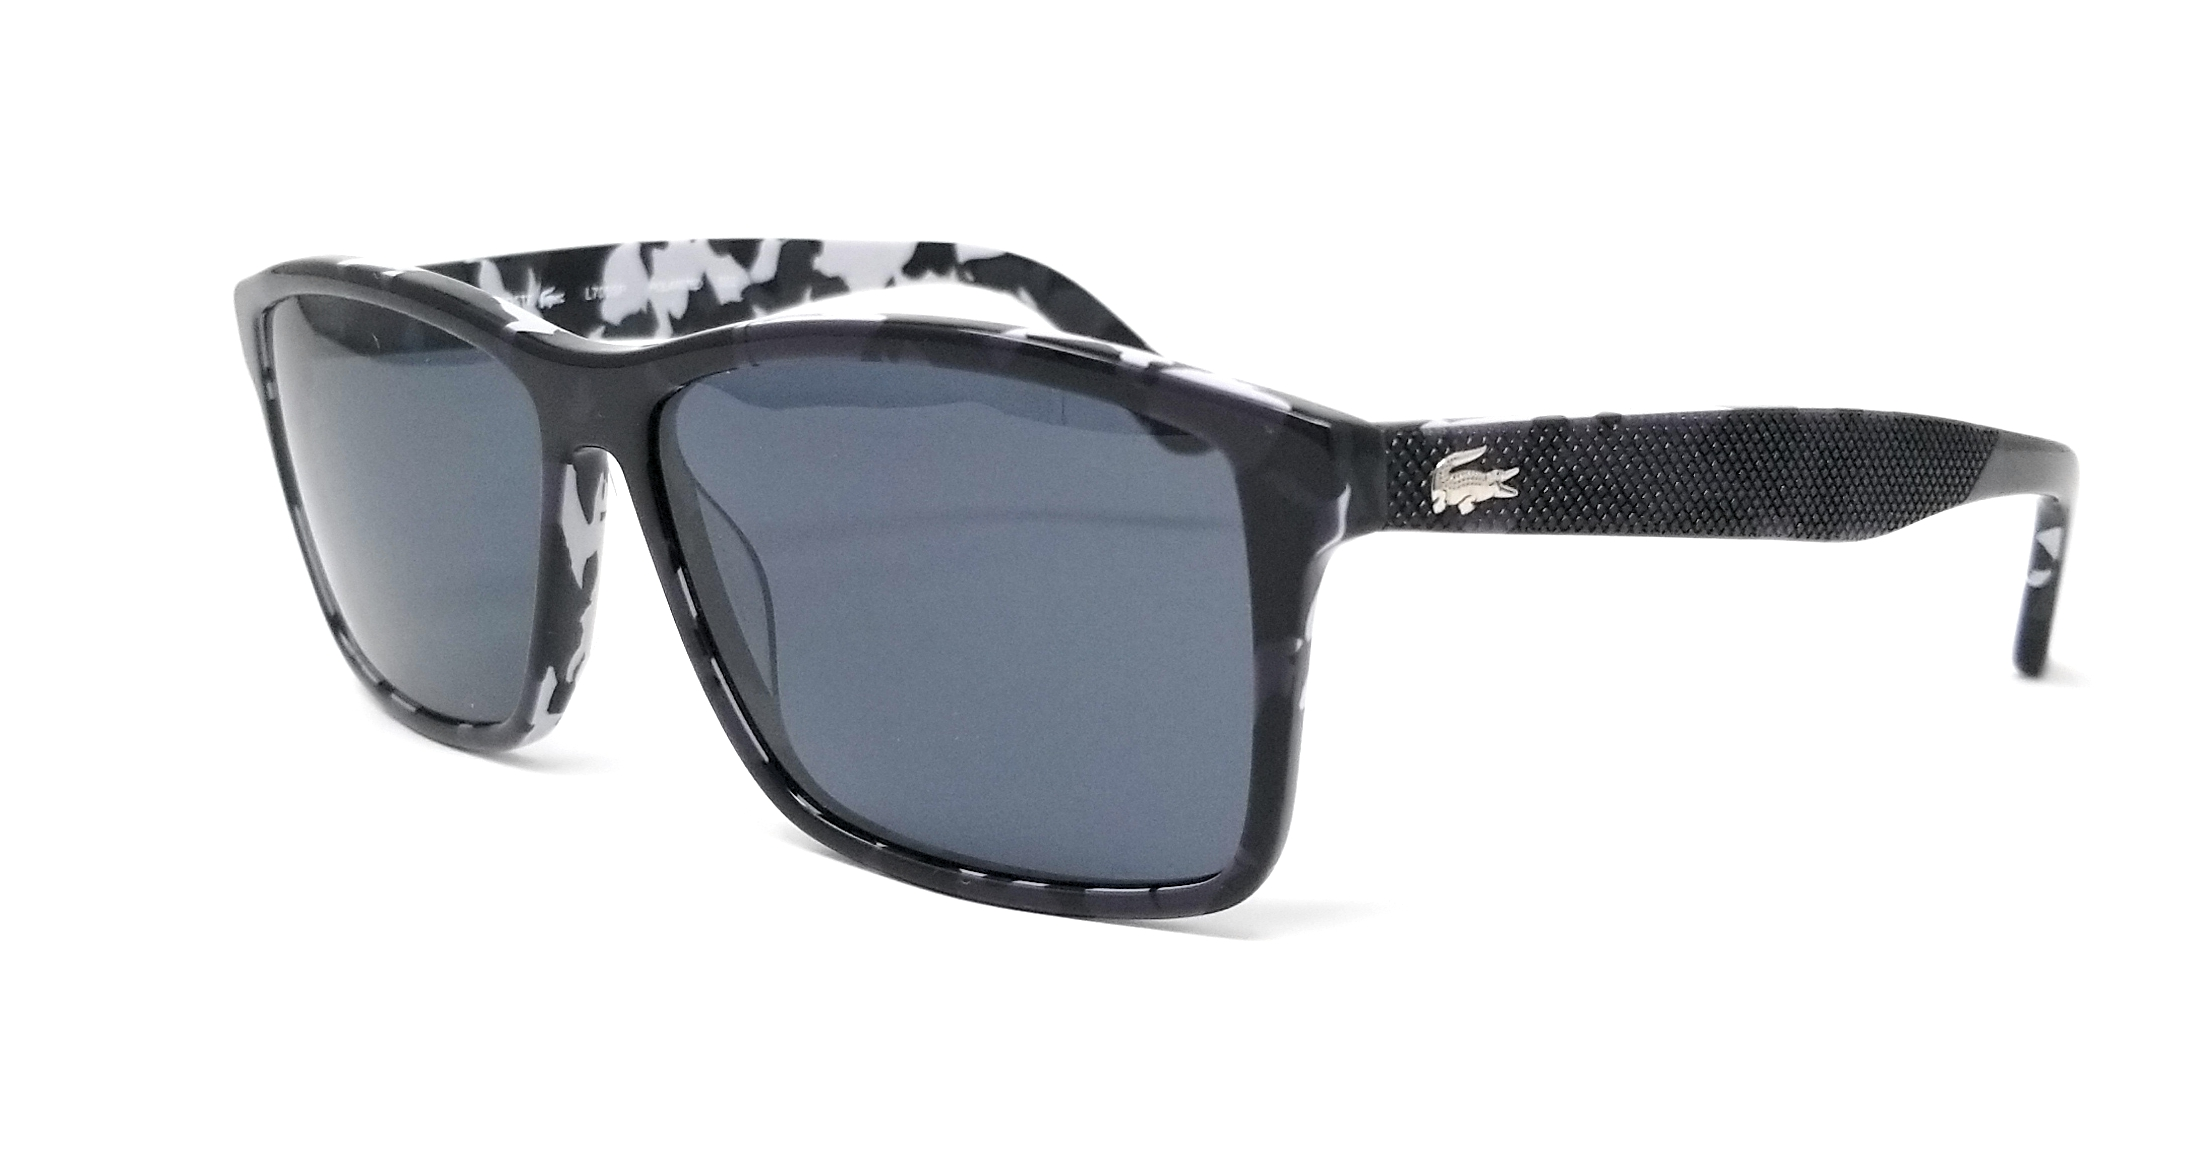 adf8969c602 Details about LACOSTE Polarized Sunglasses L705SP 002 Black Rectangle  57x13x140